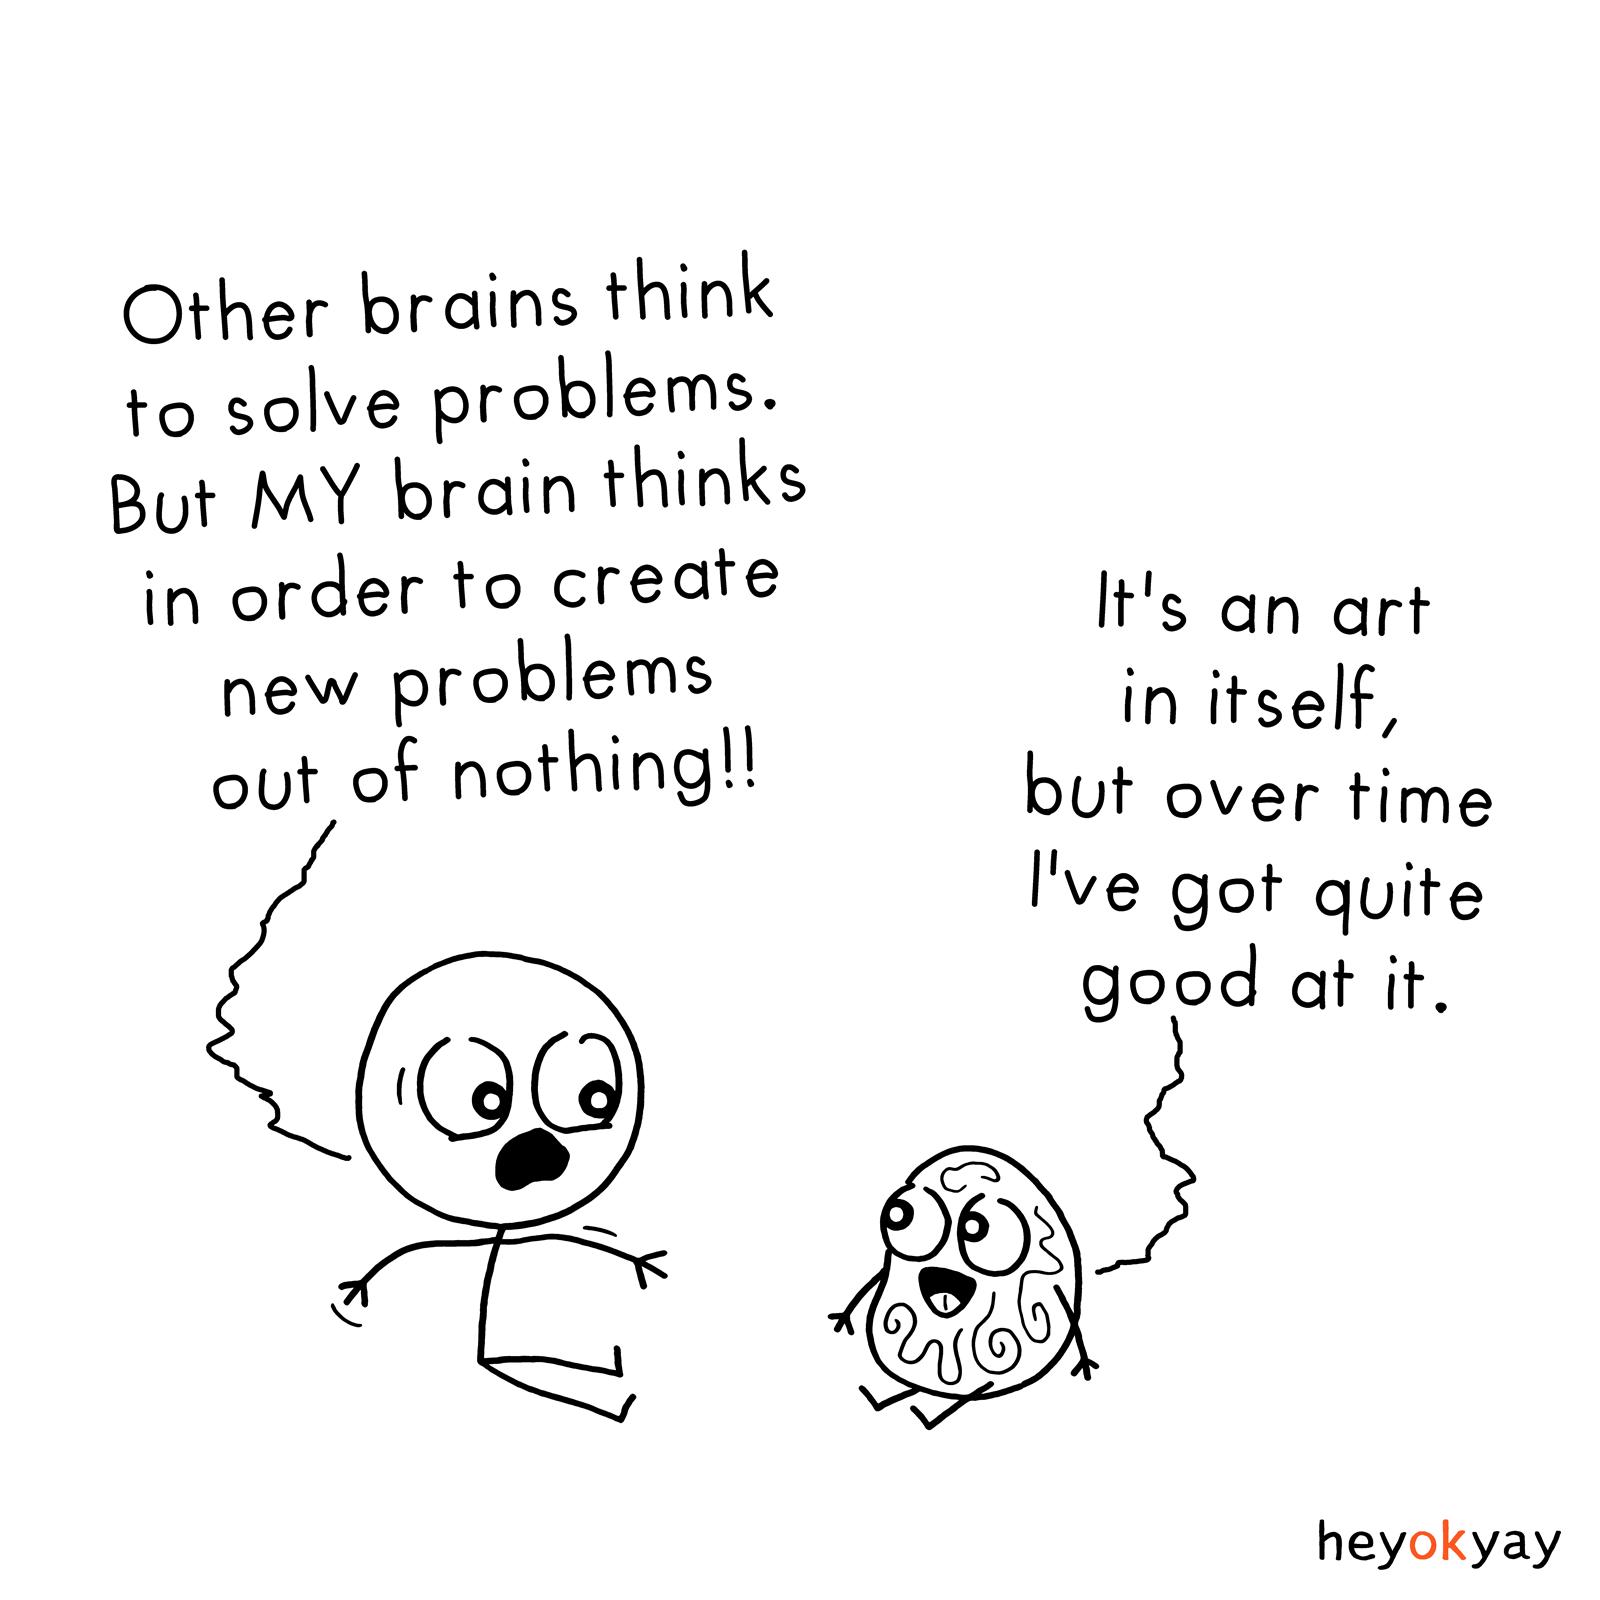 Art heyokyay comic